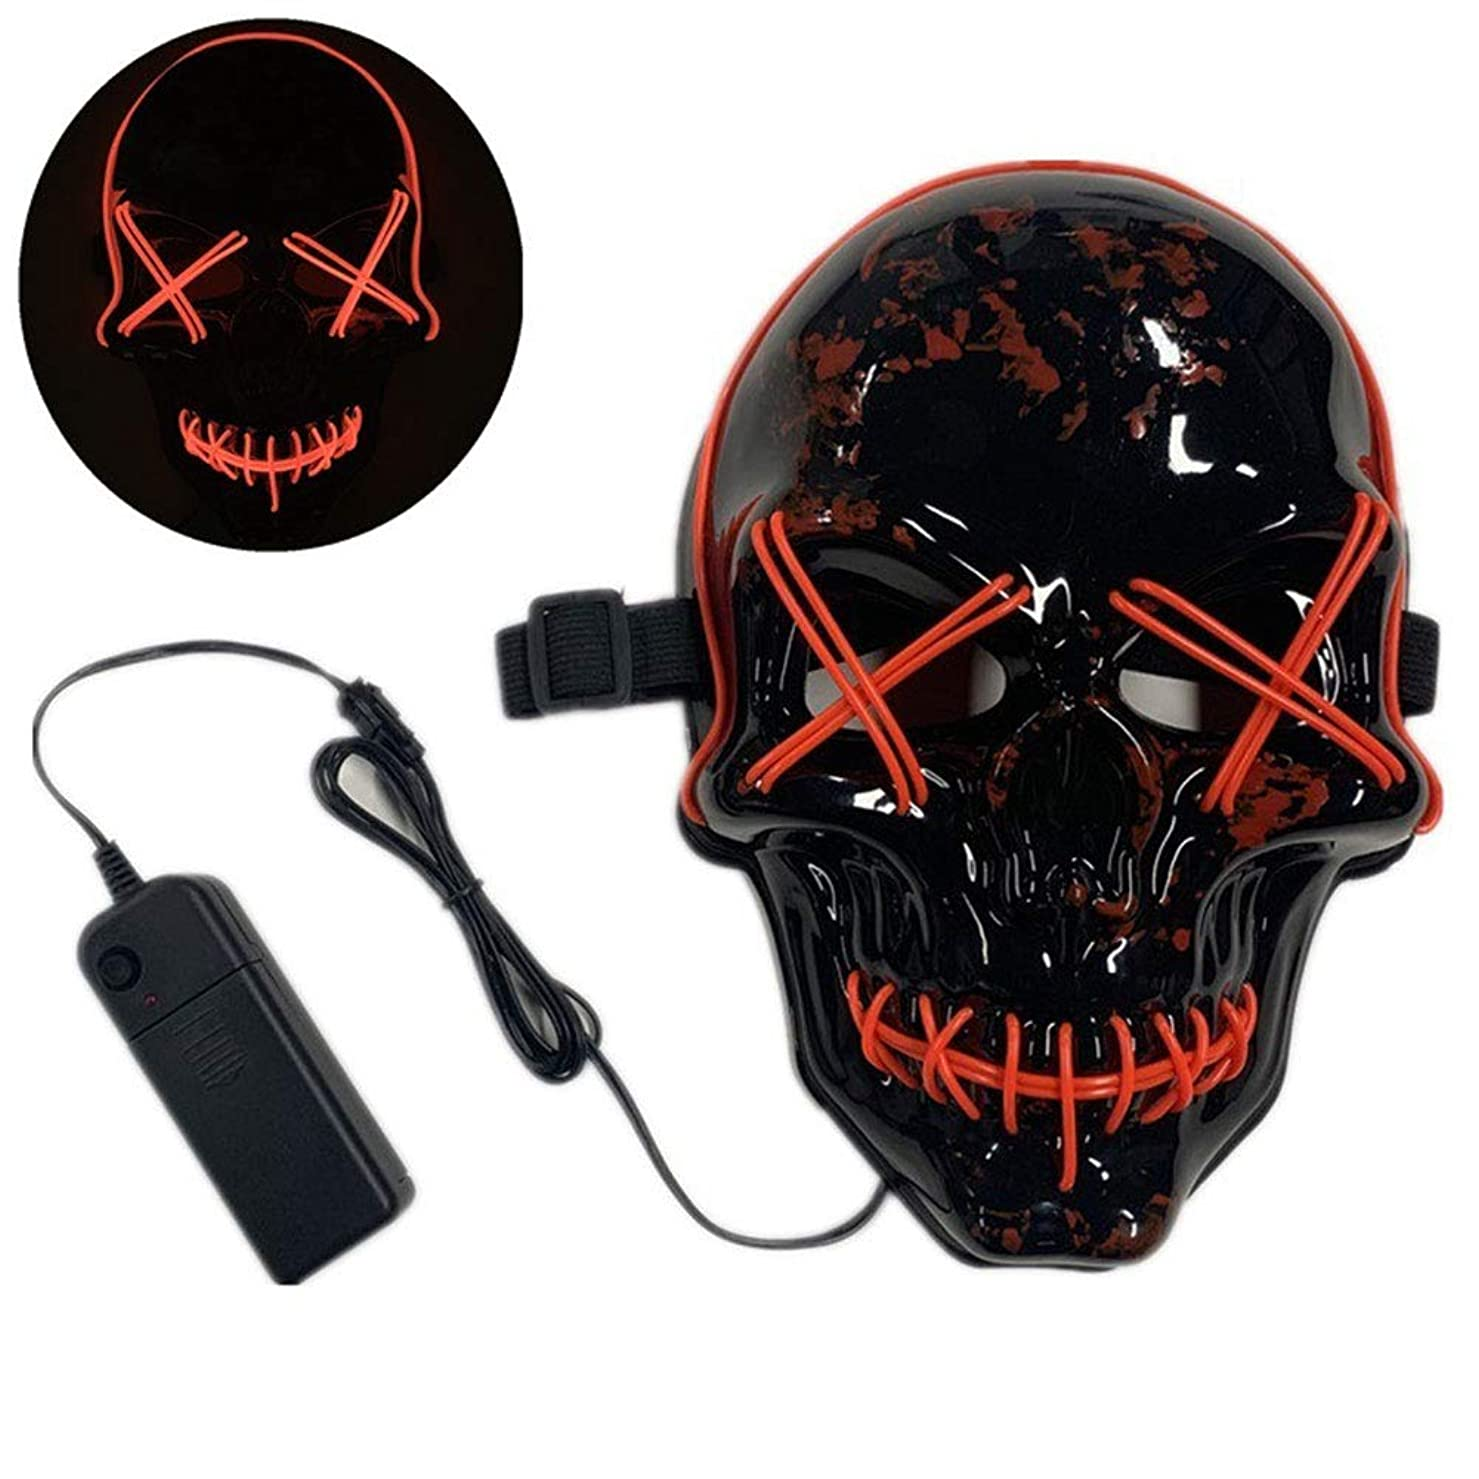 結果無声で投げ捨てるハロウィーンマスク、しかめっ面、テーマパーティー、カーニバル、ハロウィーン、レイブパーティー、クリスマスなどに適しています。,Red